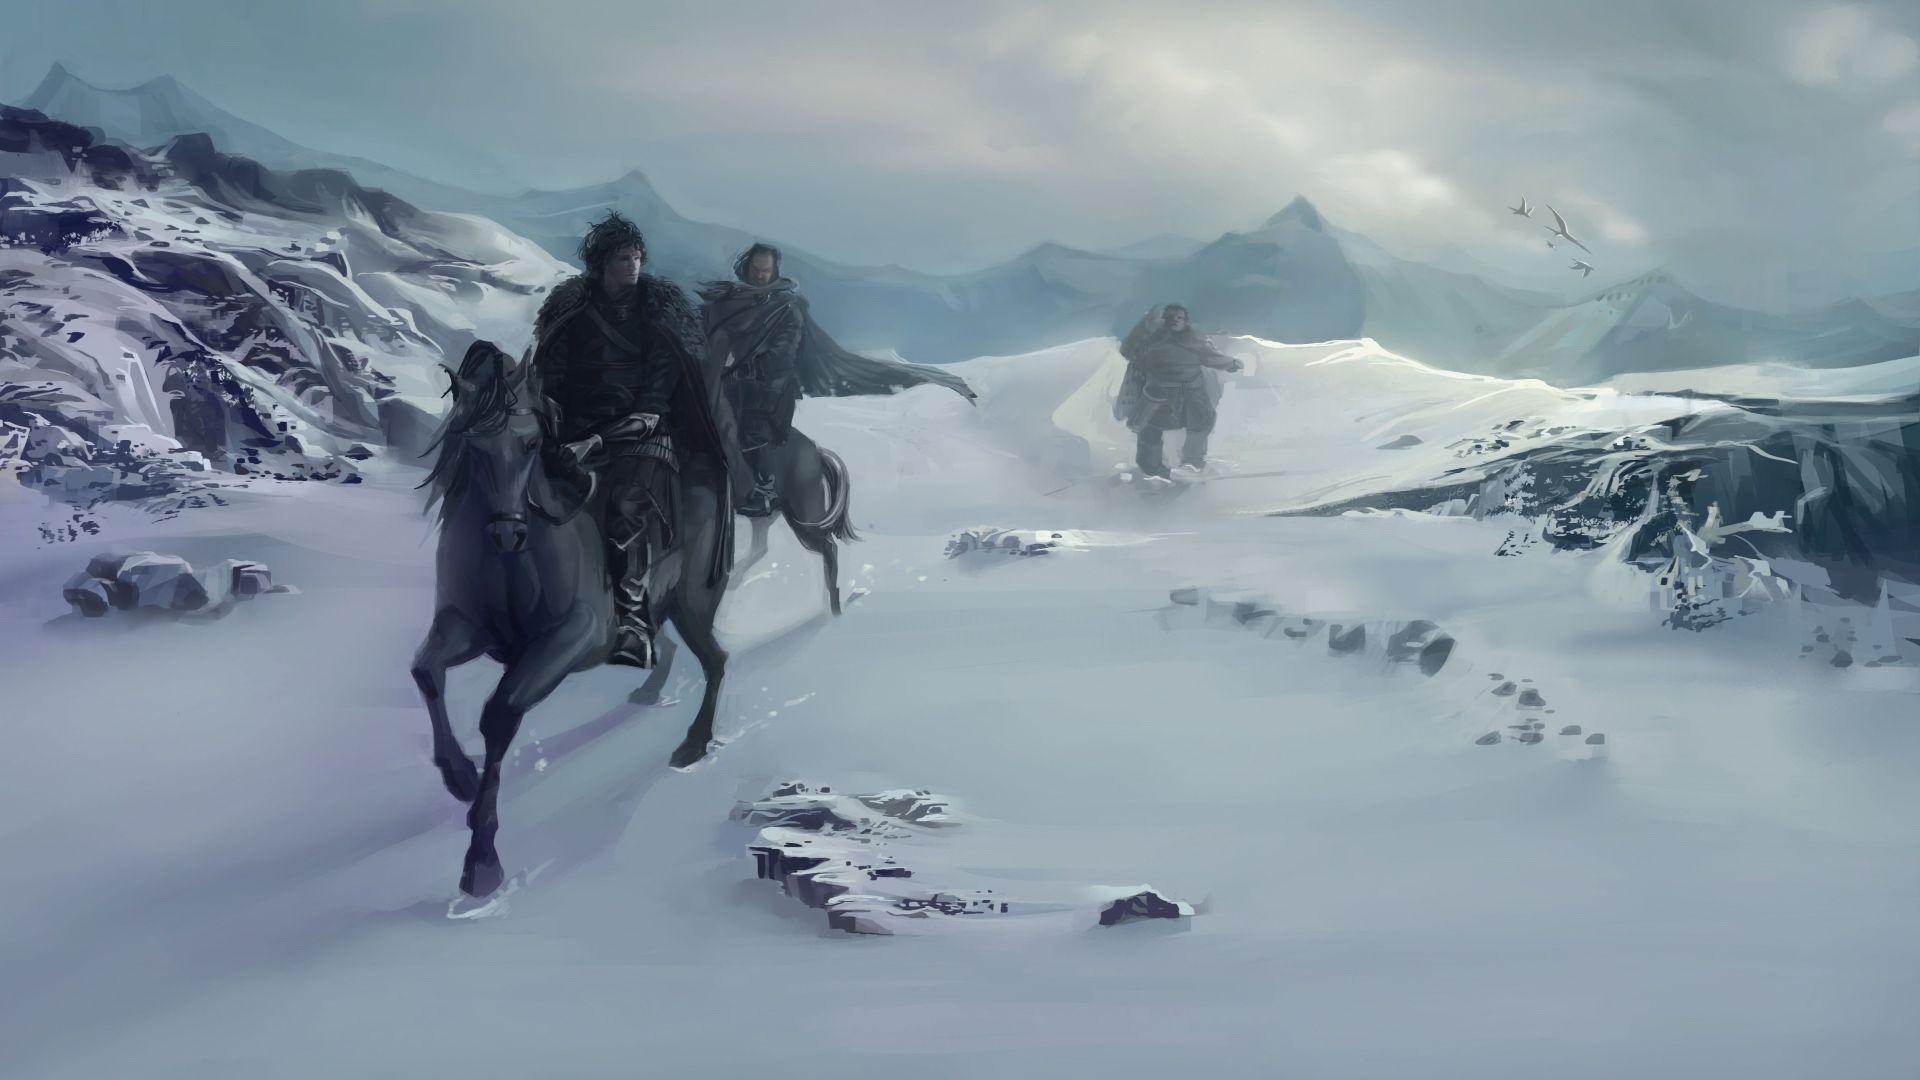 Game of Thrones winter art